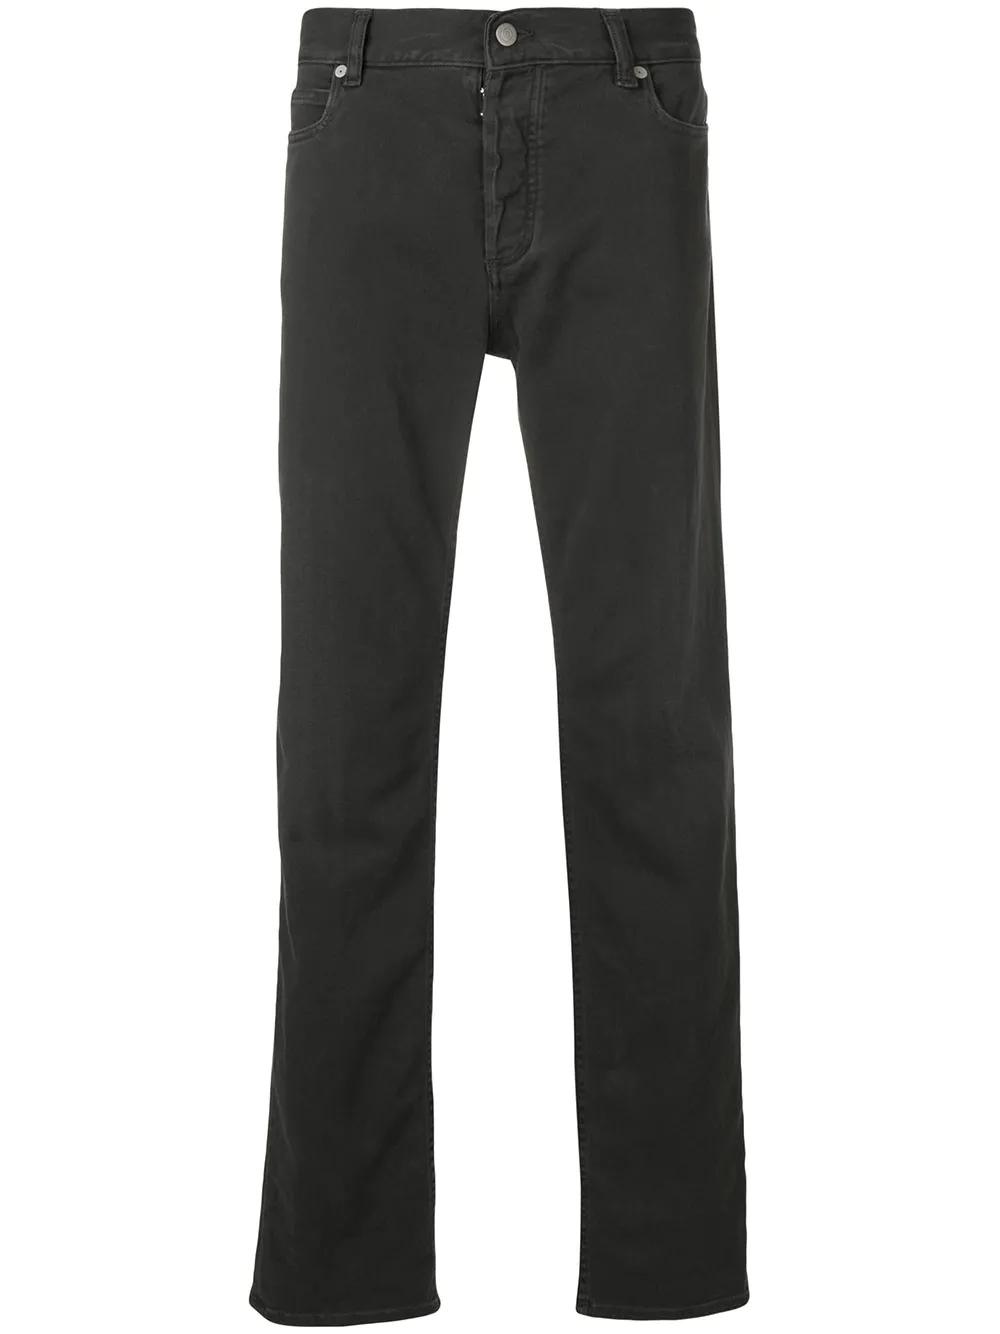 Maison Margiela | Maison Margiela классические джинсы кроя слим | Clouty